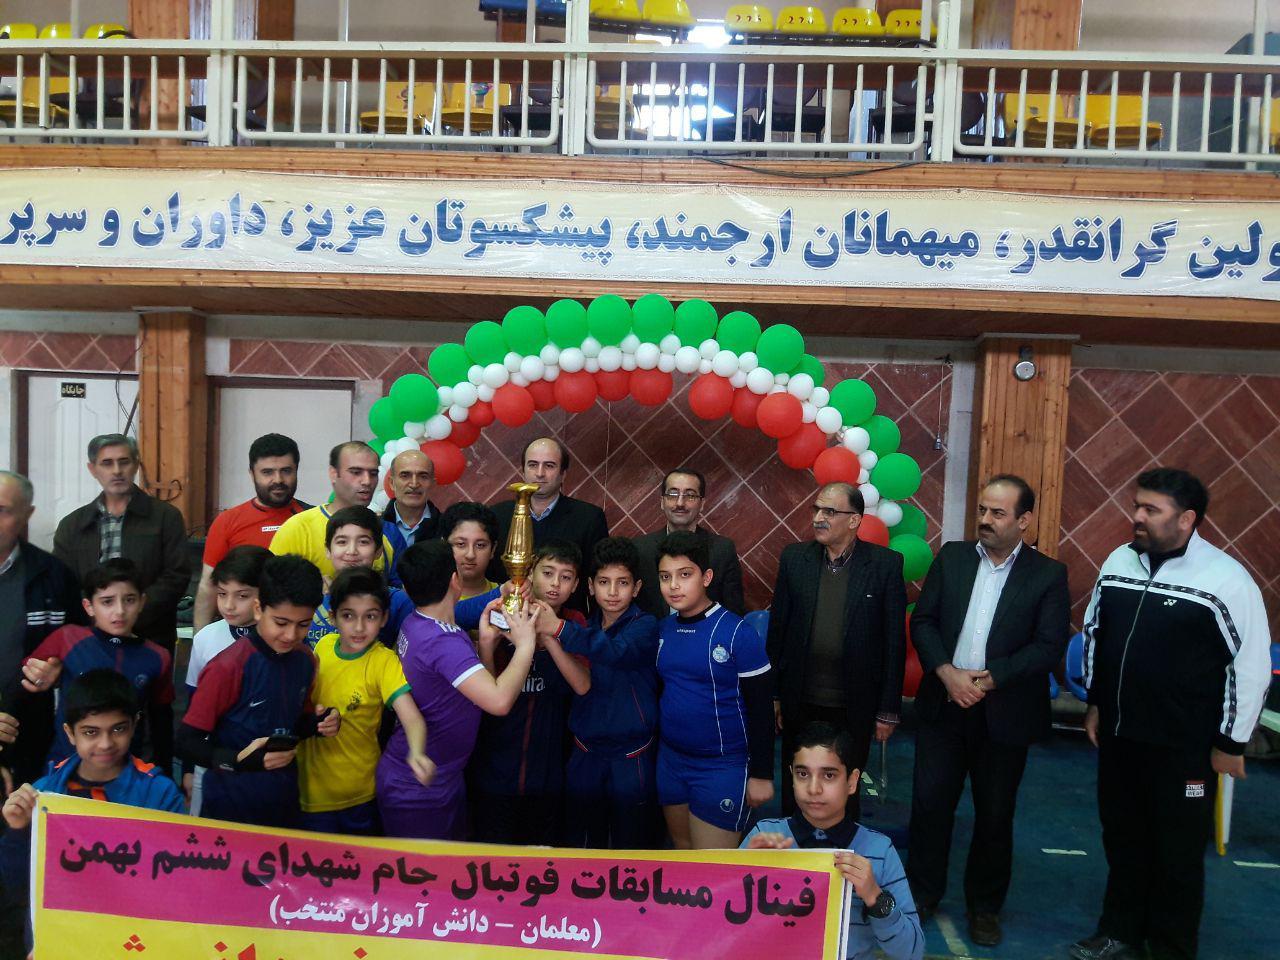 فینال مسابقات فوتبال جام شهدای ششم بهمن ماه بین دبیران و دانش آموزان منتخب دبستان فروغ دانش برگزار شد.